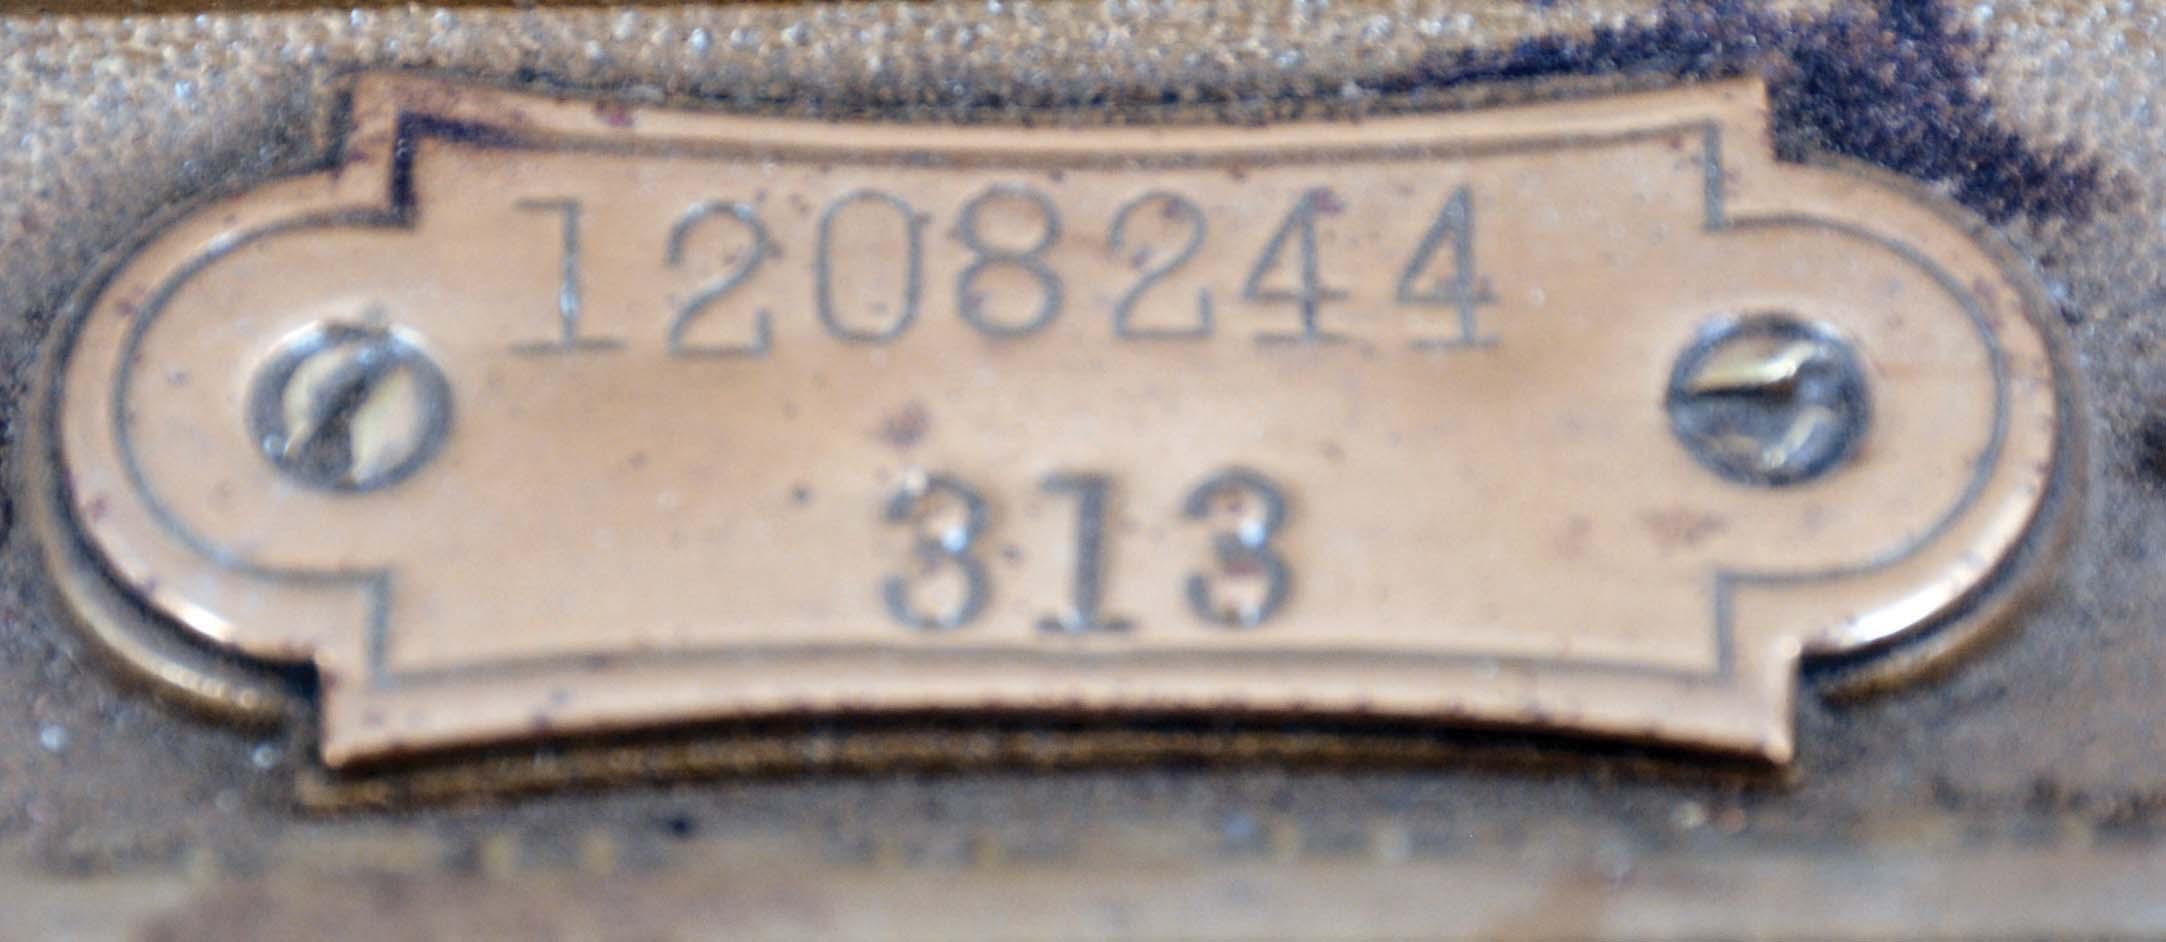 16489_09.jpg